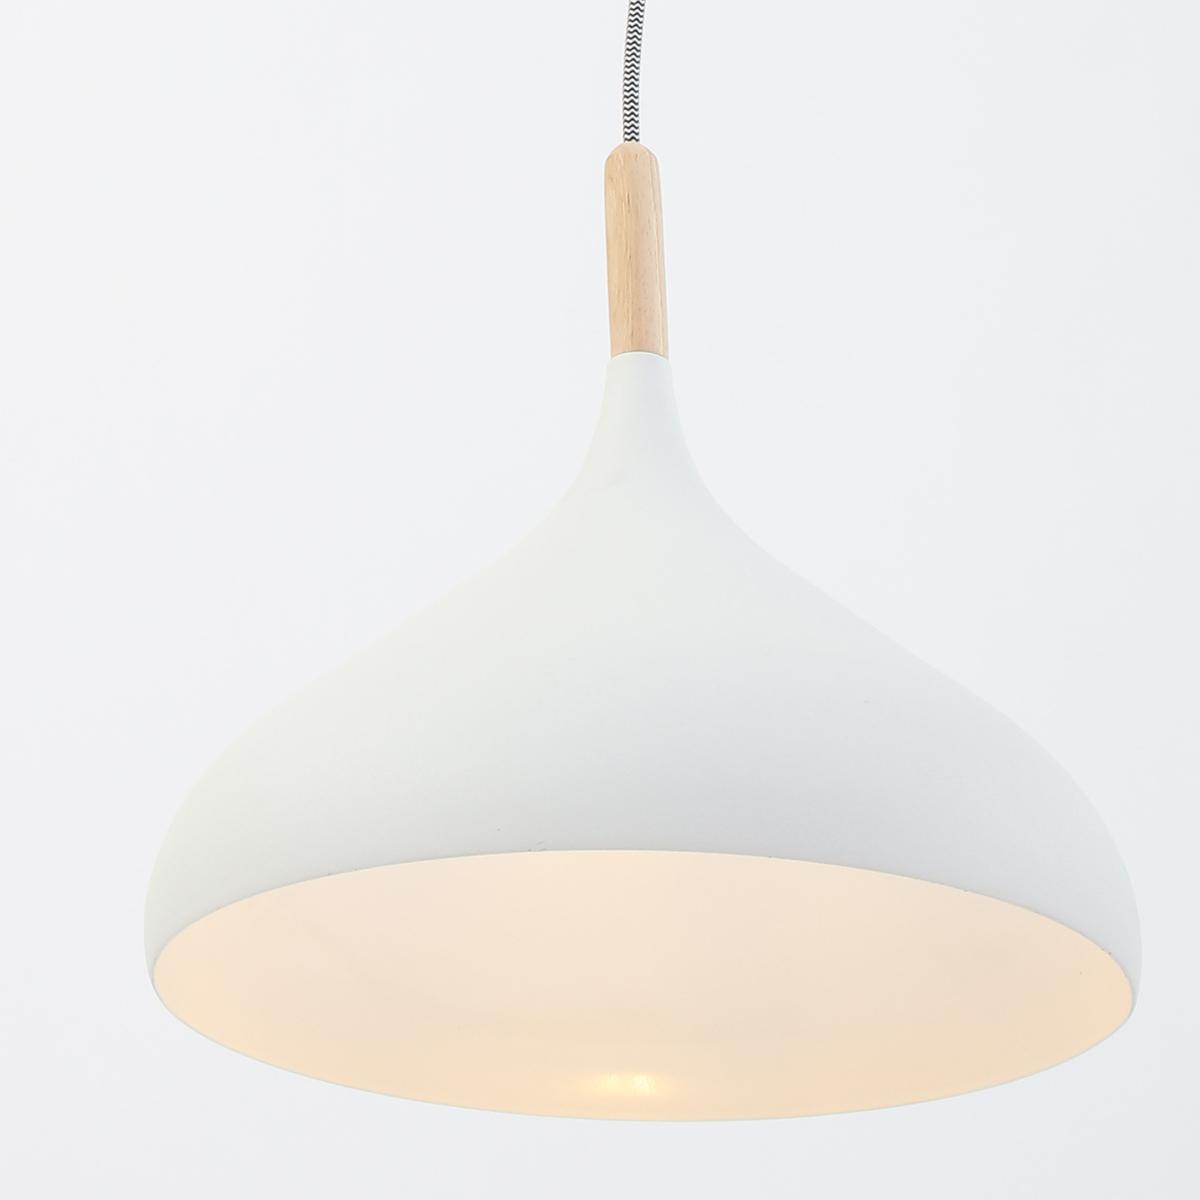 Full Size of Deckenlampe Skandinavisch Deckenlampen Für Wohnzimmer Bett Esstisch Bad Schlafzimmer Küche Modern Wohnzimmer Deckenlampe Skandinavisch